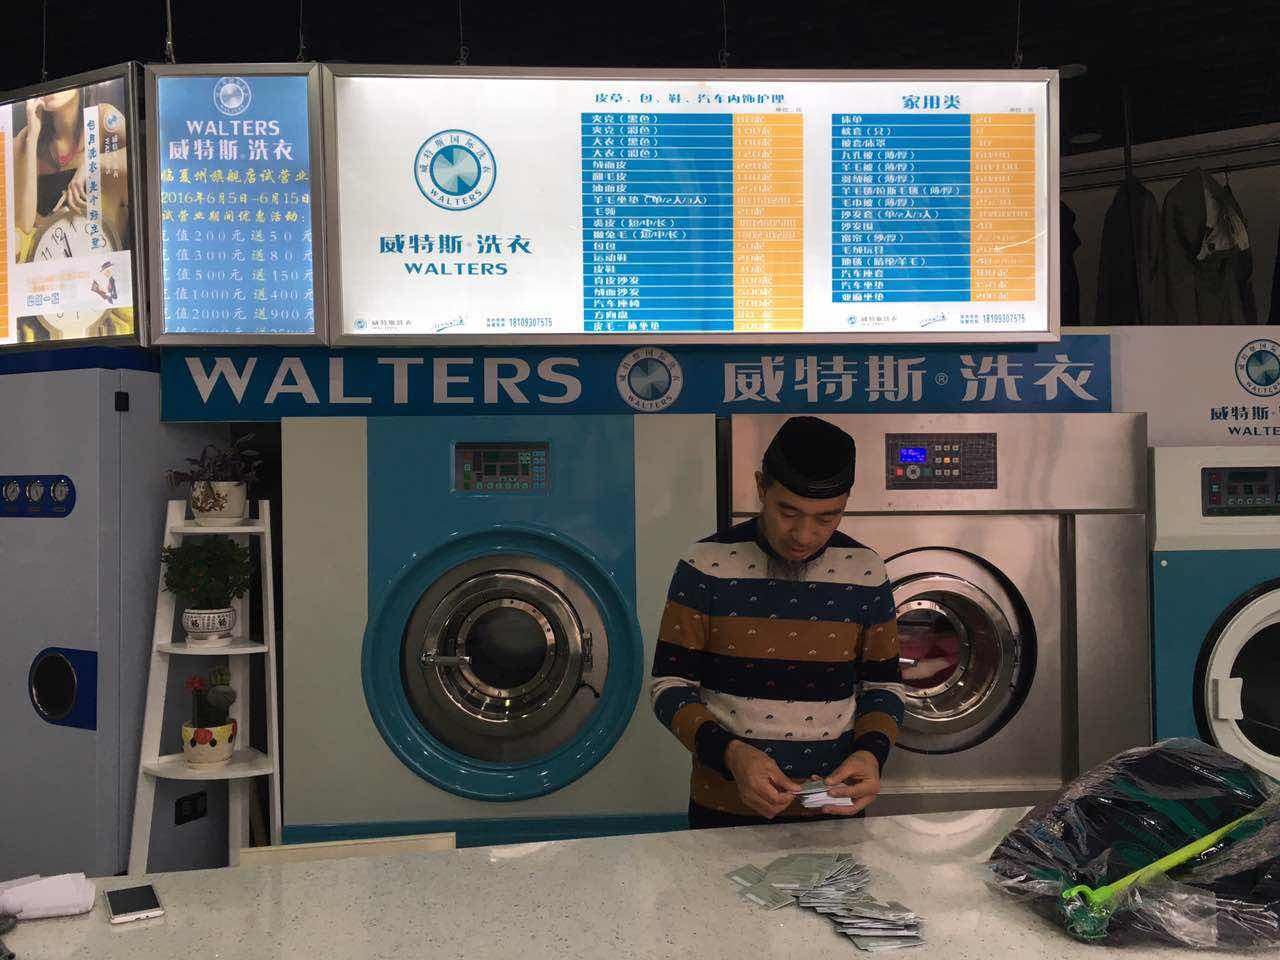 干洗店加盟哪家好 选威特斯不用担心没经验